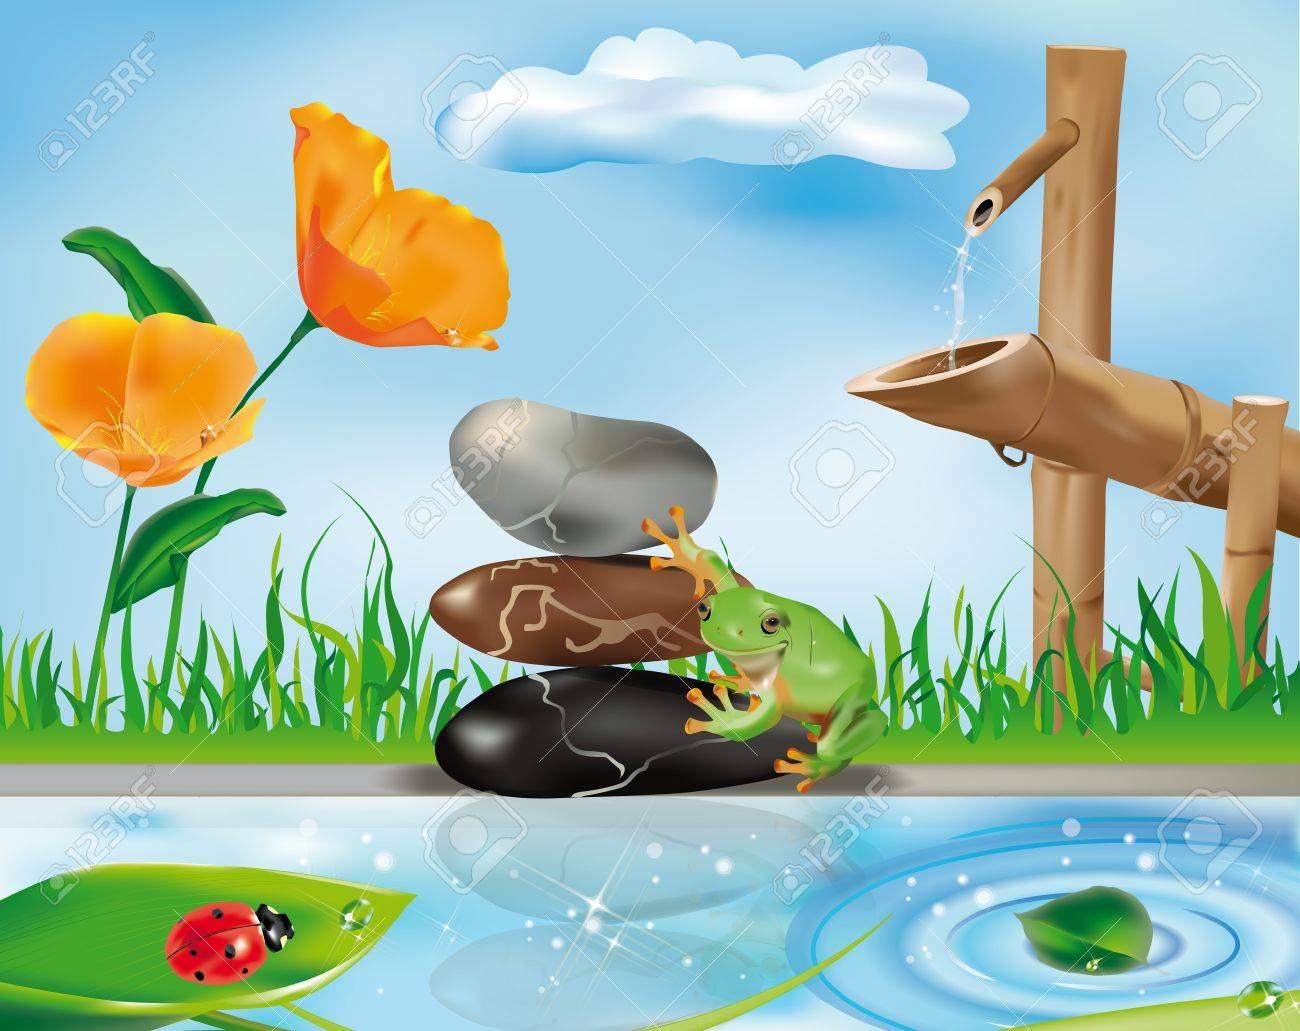 Zen Szene Mit Bambus Brunnen Frosch Auf Steinen Und Marienkafer Auf